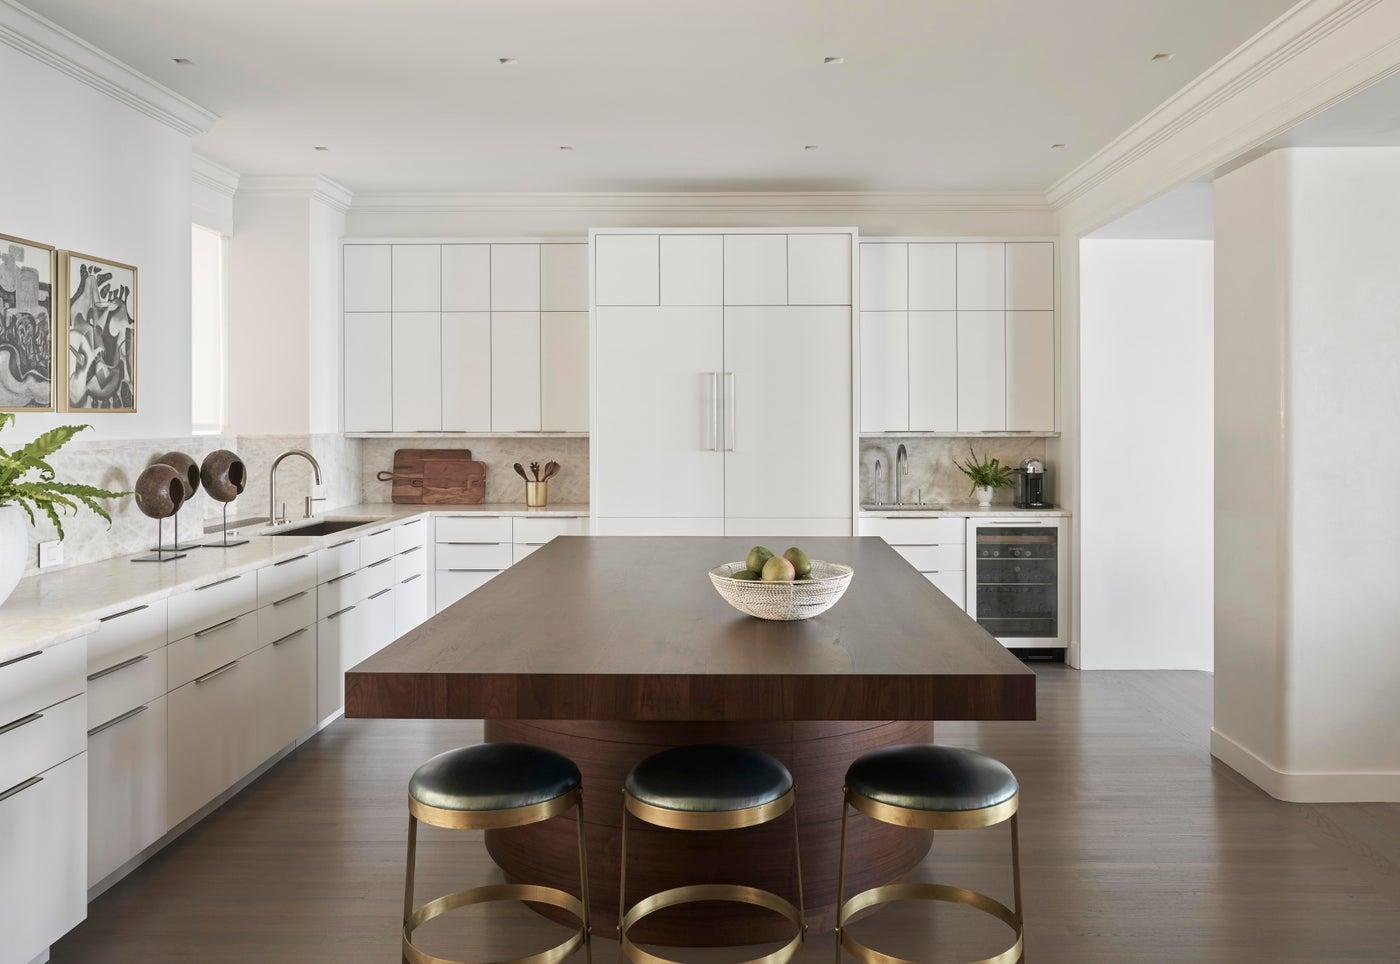 Curve Appeal Energizes a Classic Vintage Apartment